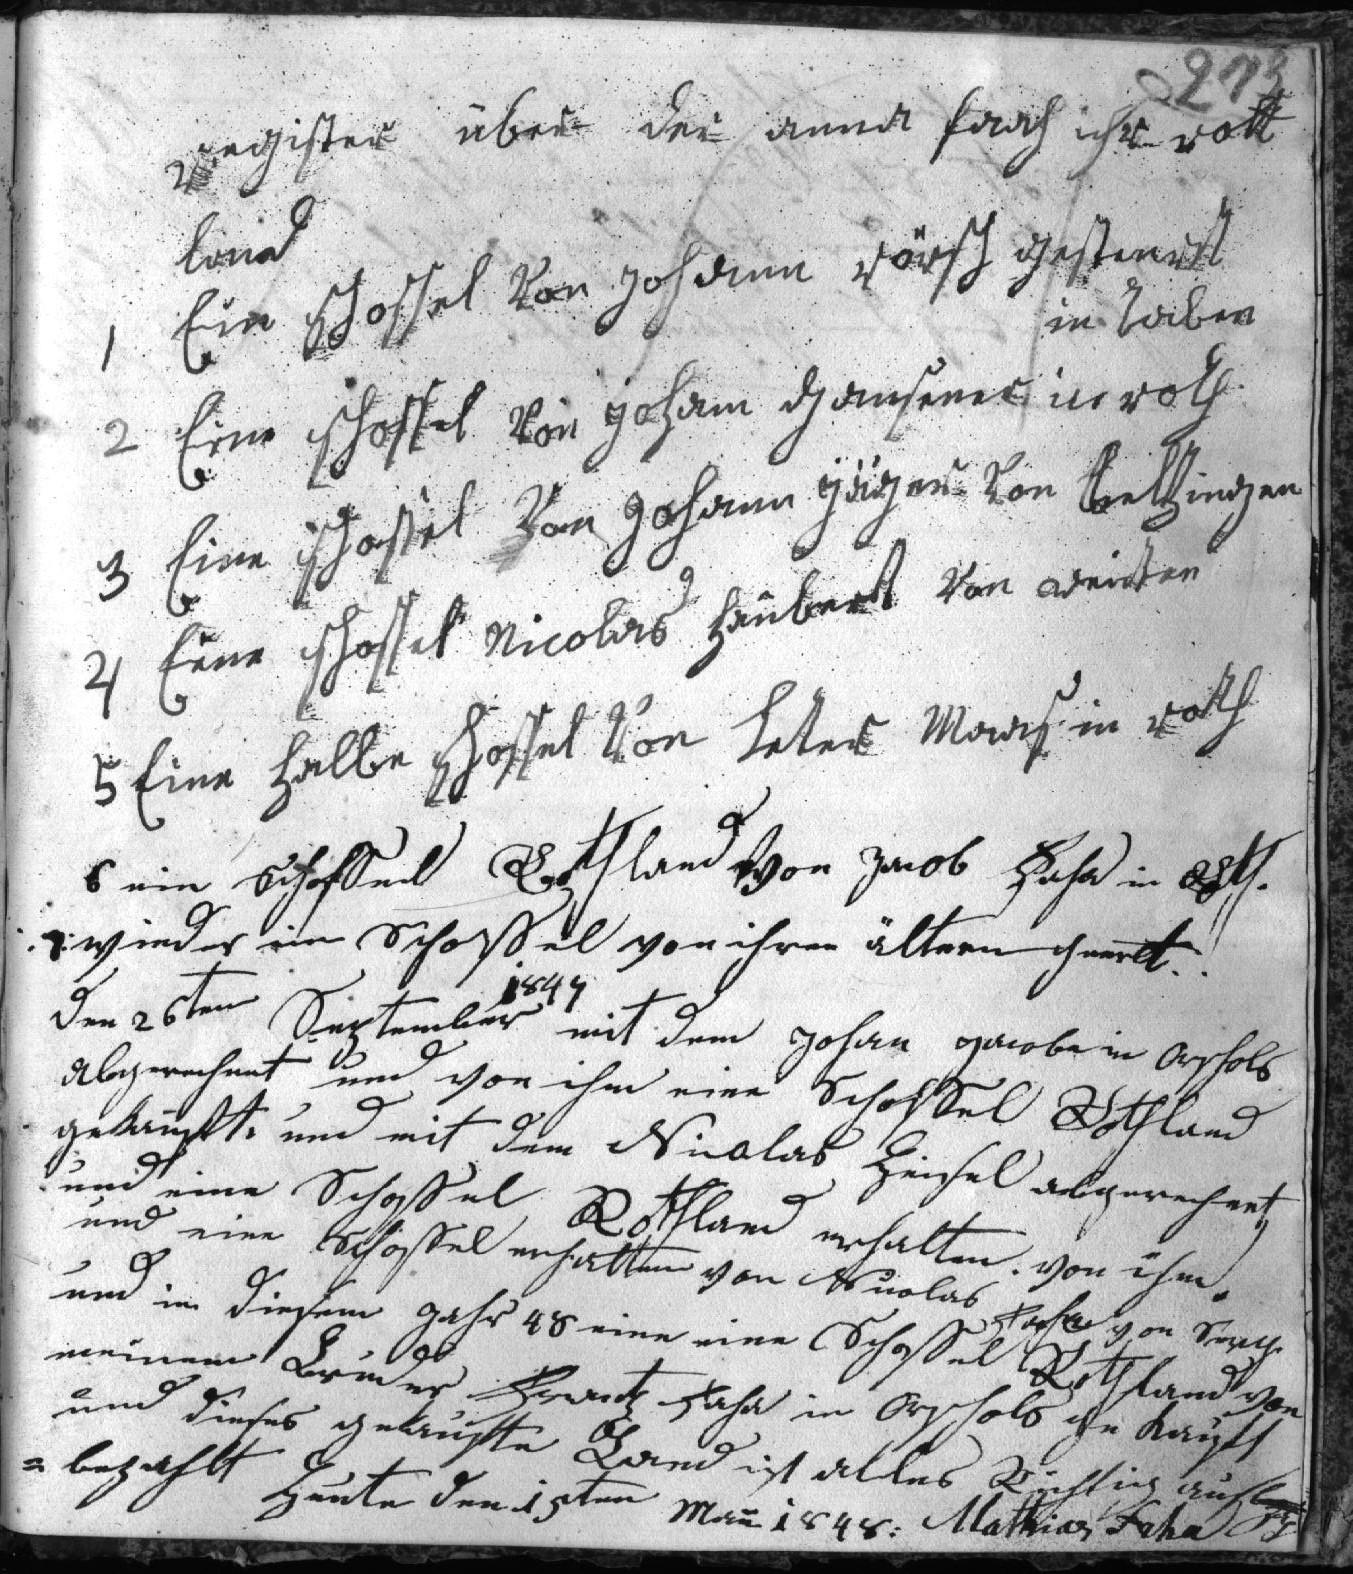 Deutsche Schrift, Quelle: Schuldenregister der Anna Faha 1835-1860, Seite 273